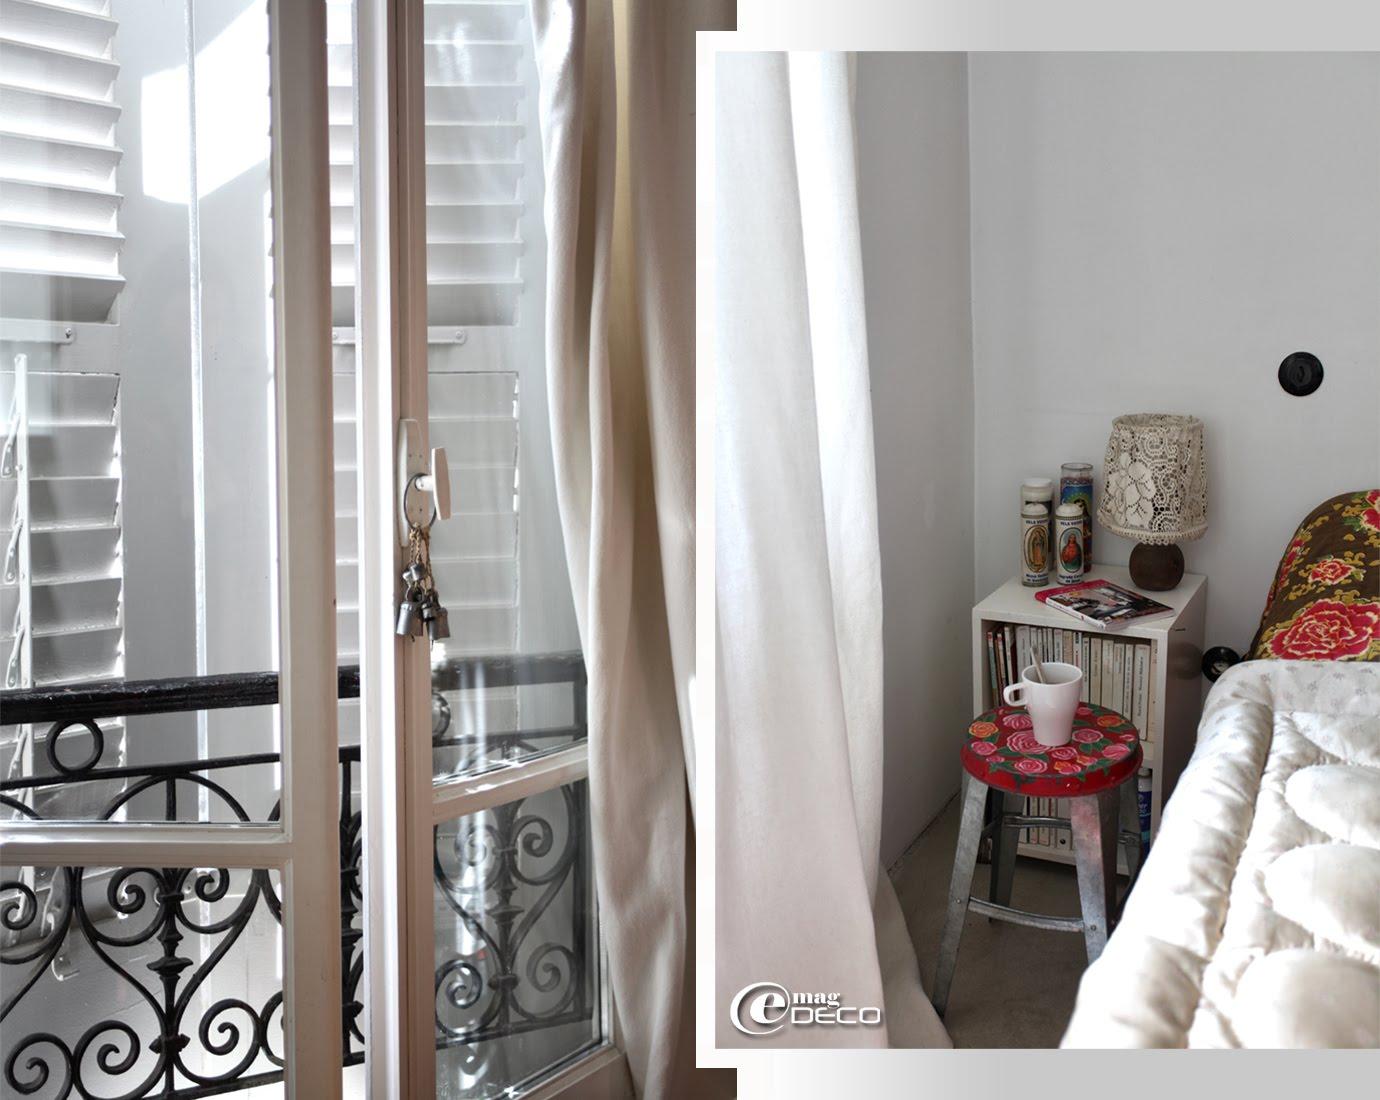 Derrière une fenêtre, des volets persiennes à lames articulées